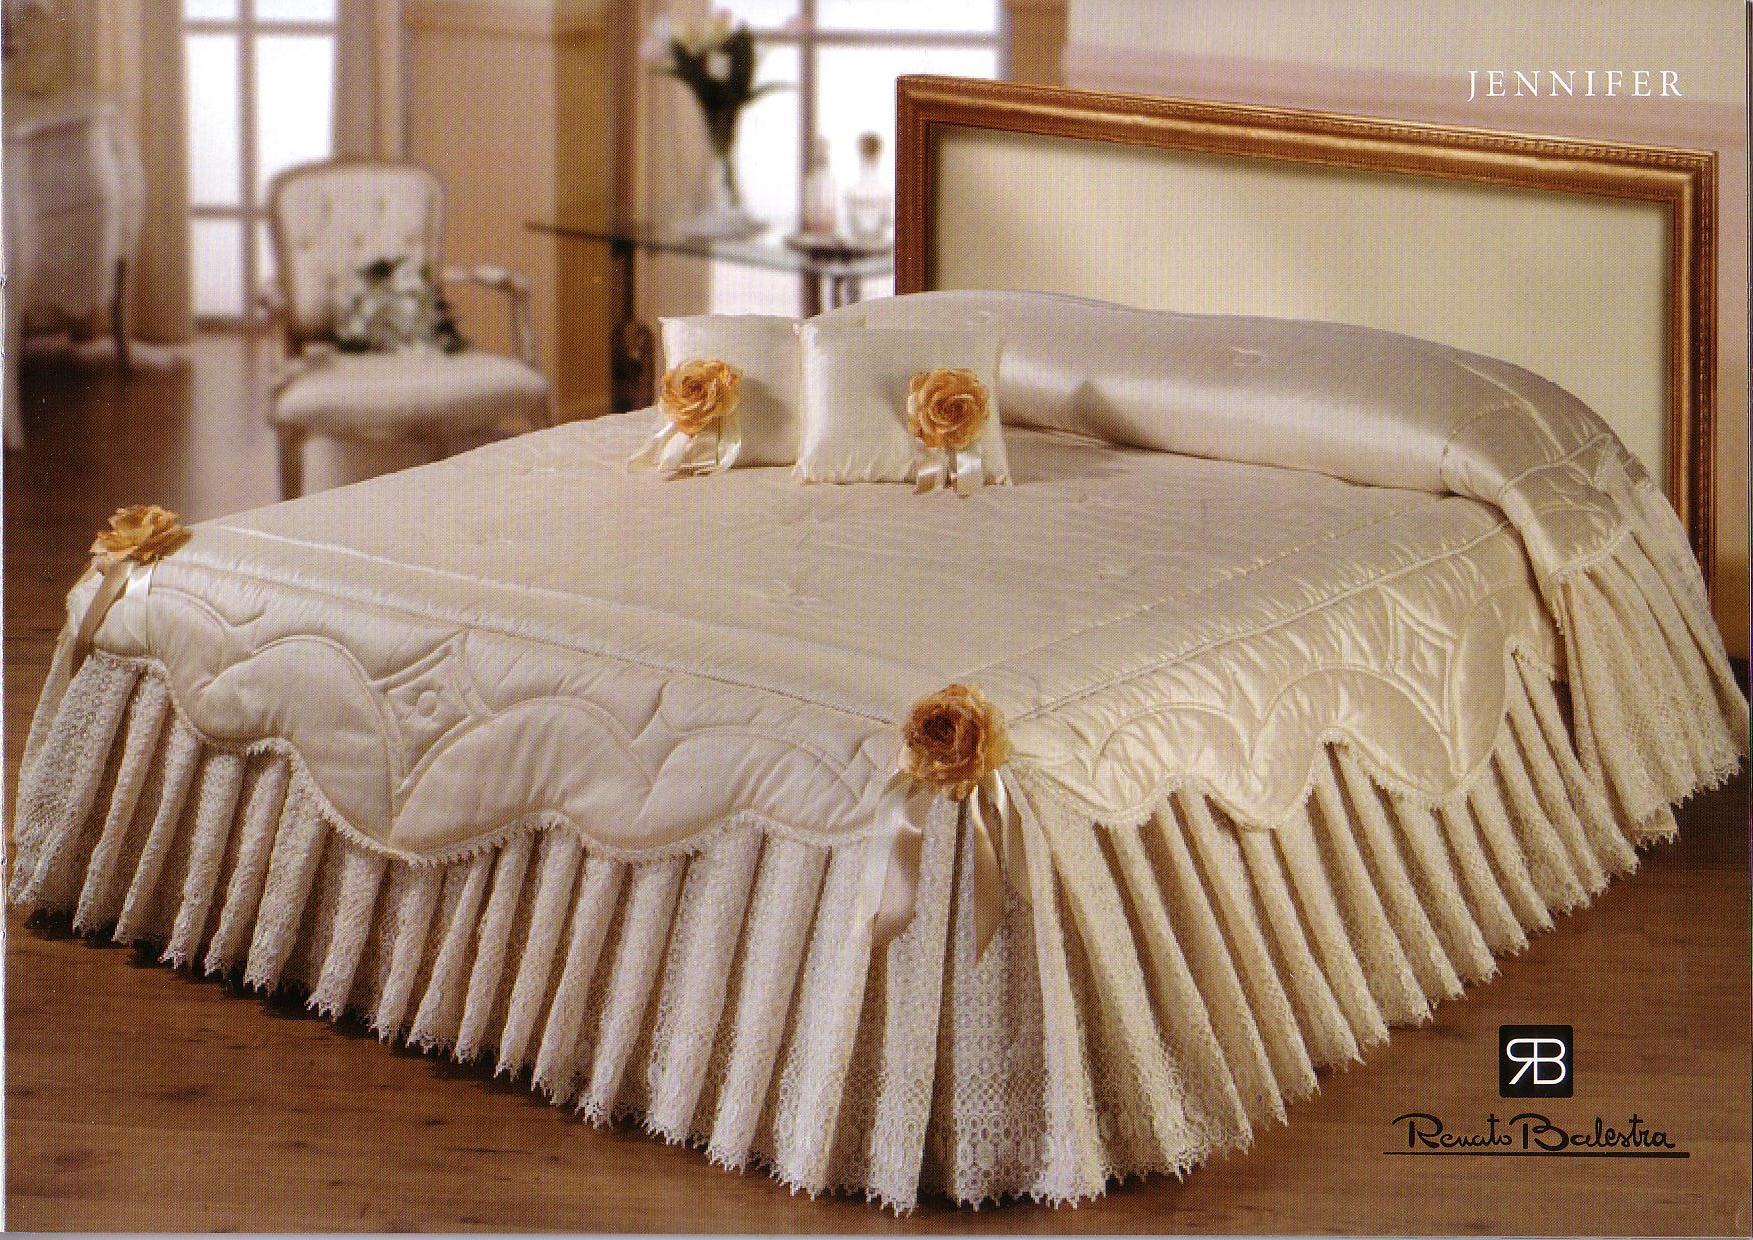 Abbigliamento di moda i vostri sogni renato balestra biancheria per la casa - Piumone letto matrimoniale ...